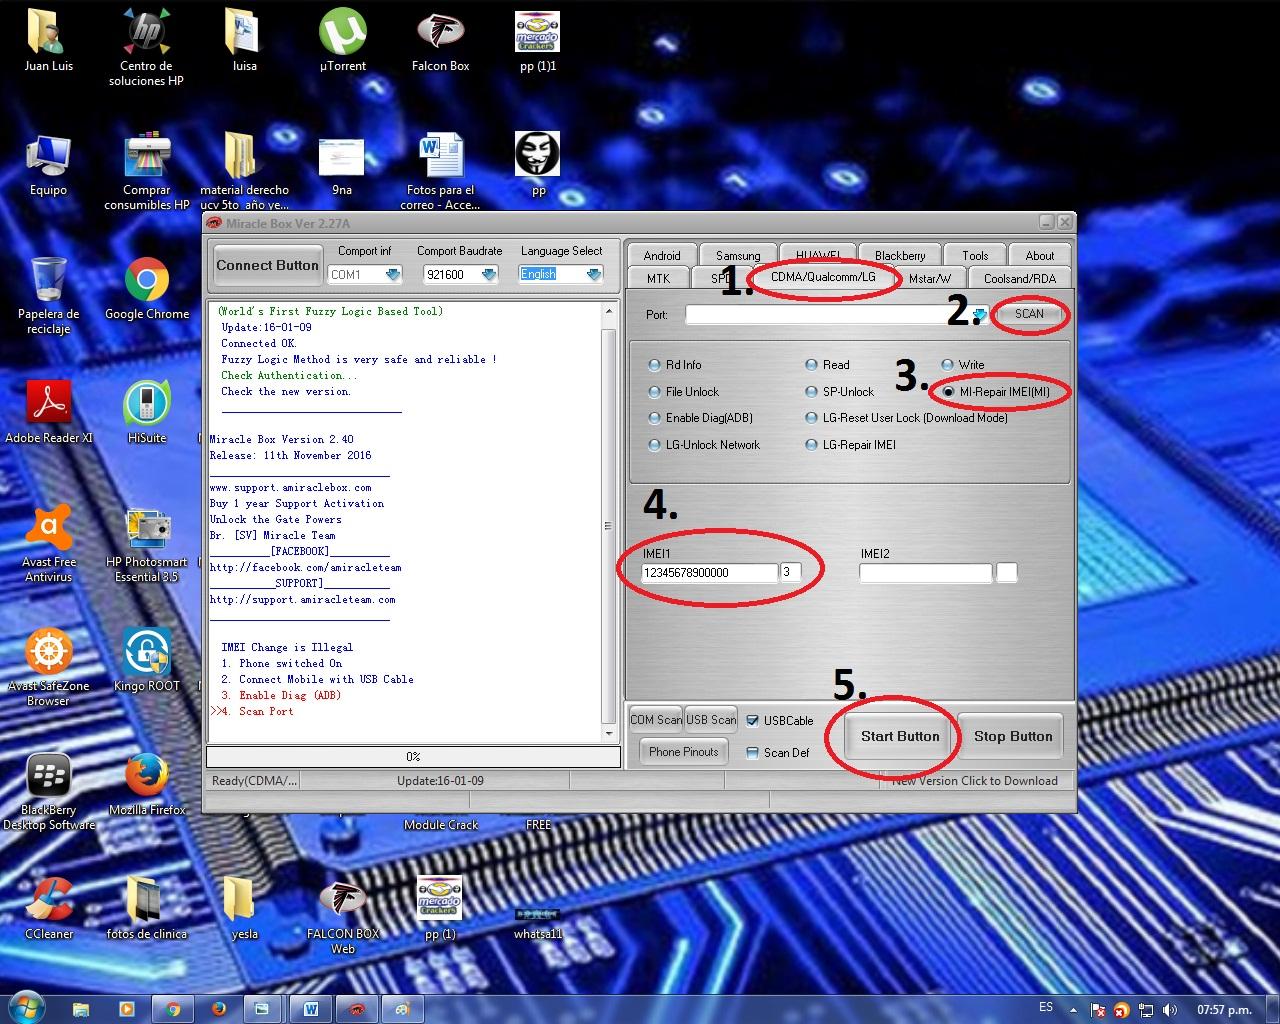 Reparar Imei HAIER W861 QUALCOMM con MIRACLE 2.27a 6gv66p